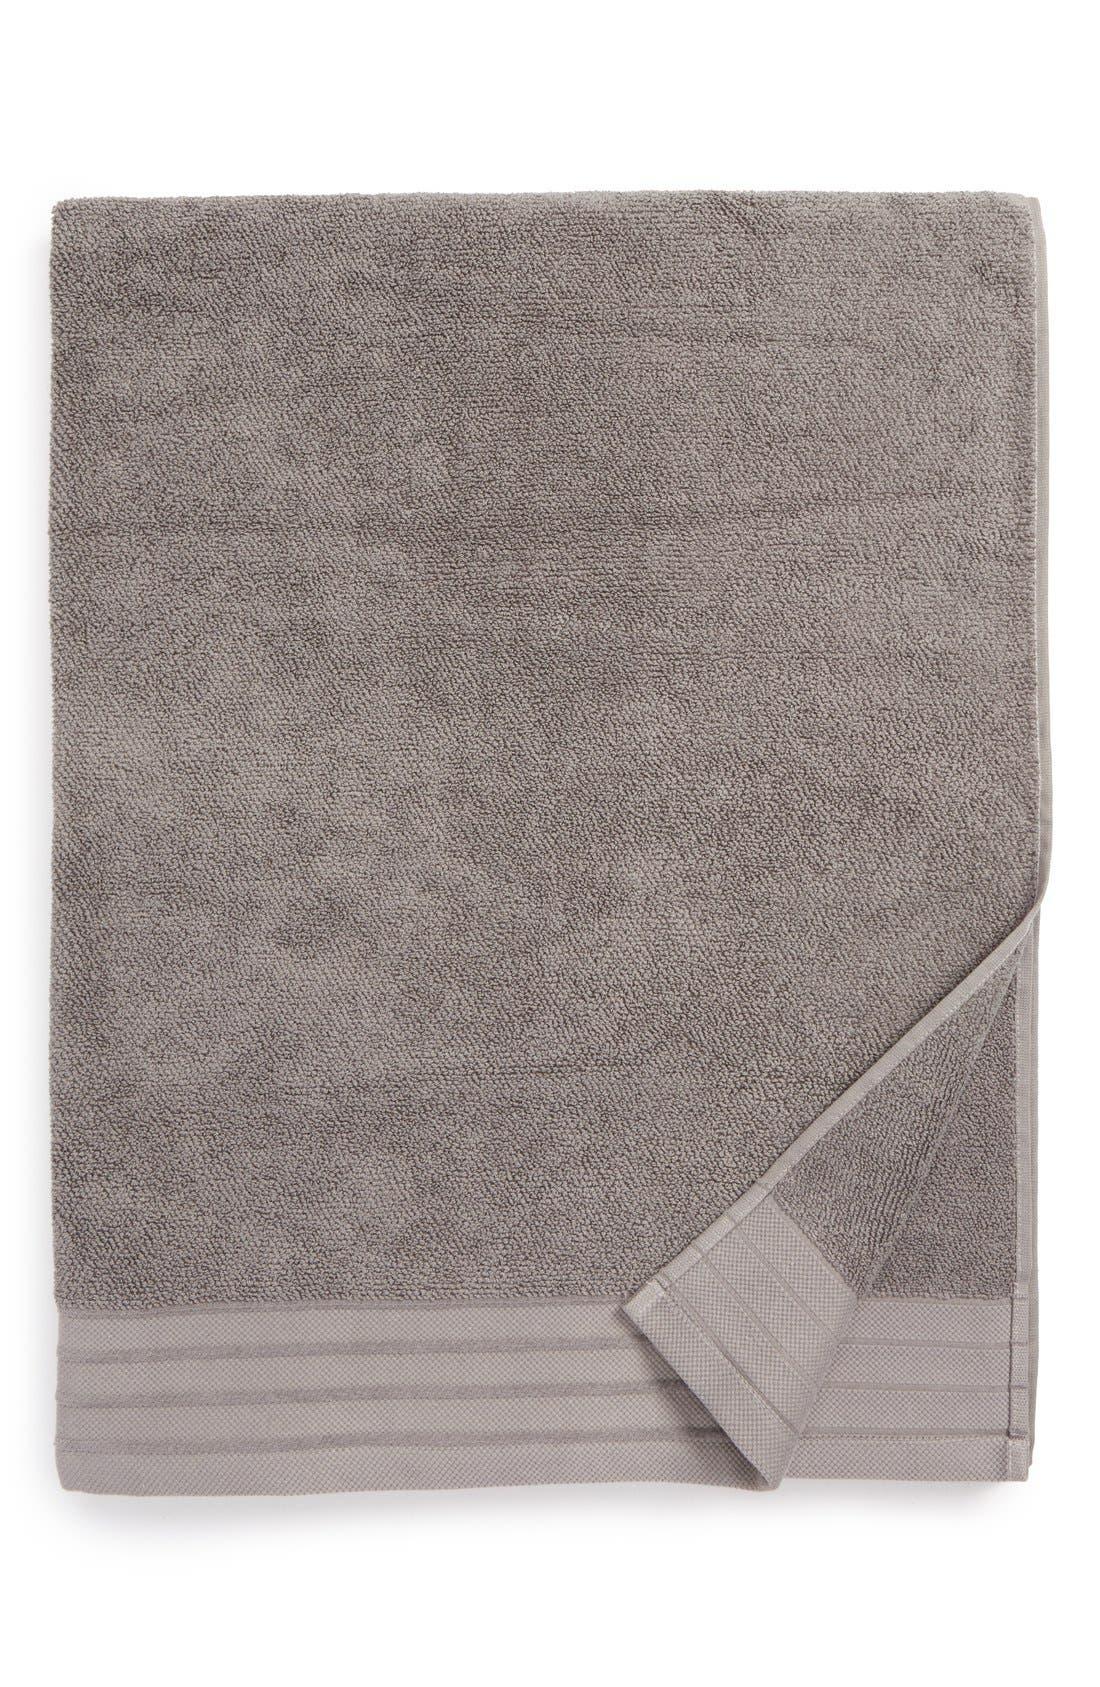 Classic Luxe Cotton Bath Sheet,                         Main,                         color, GRANITE